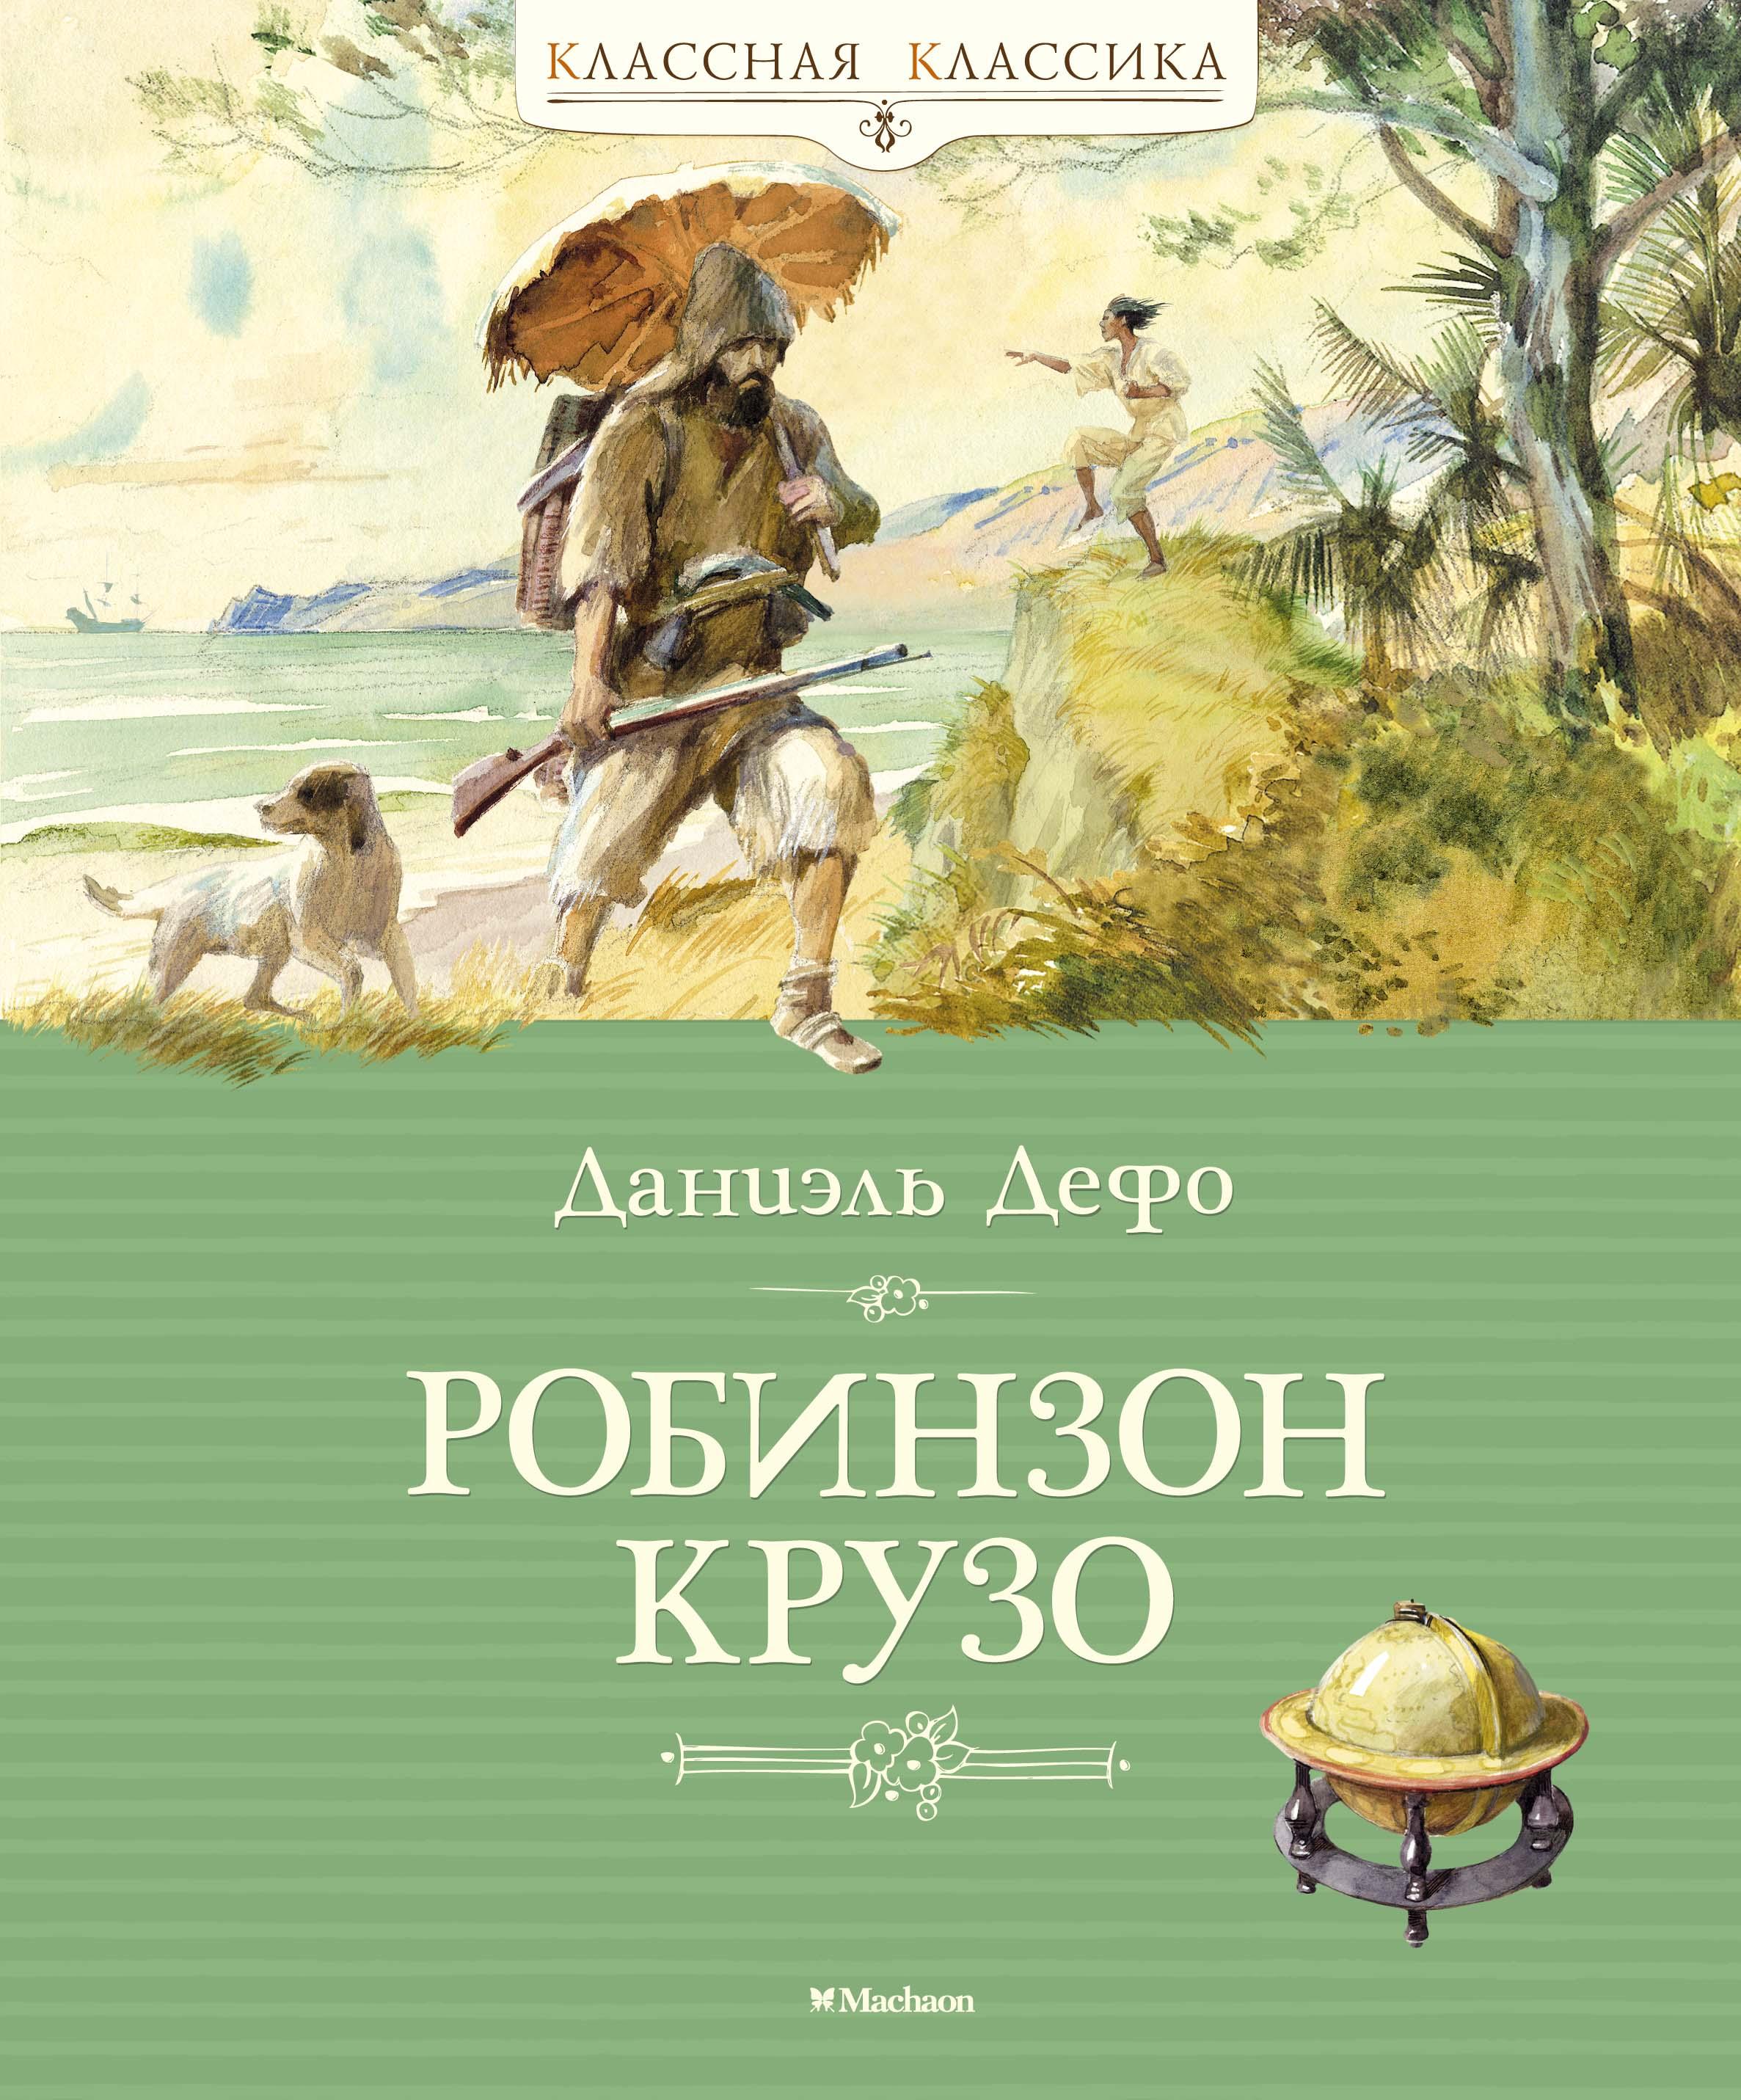 Скачать книгу робинзон крузо на украинском языке